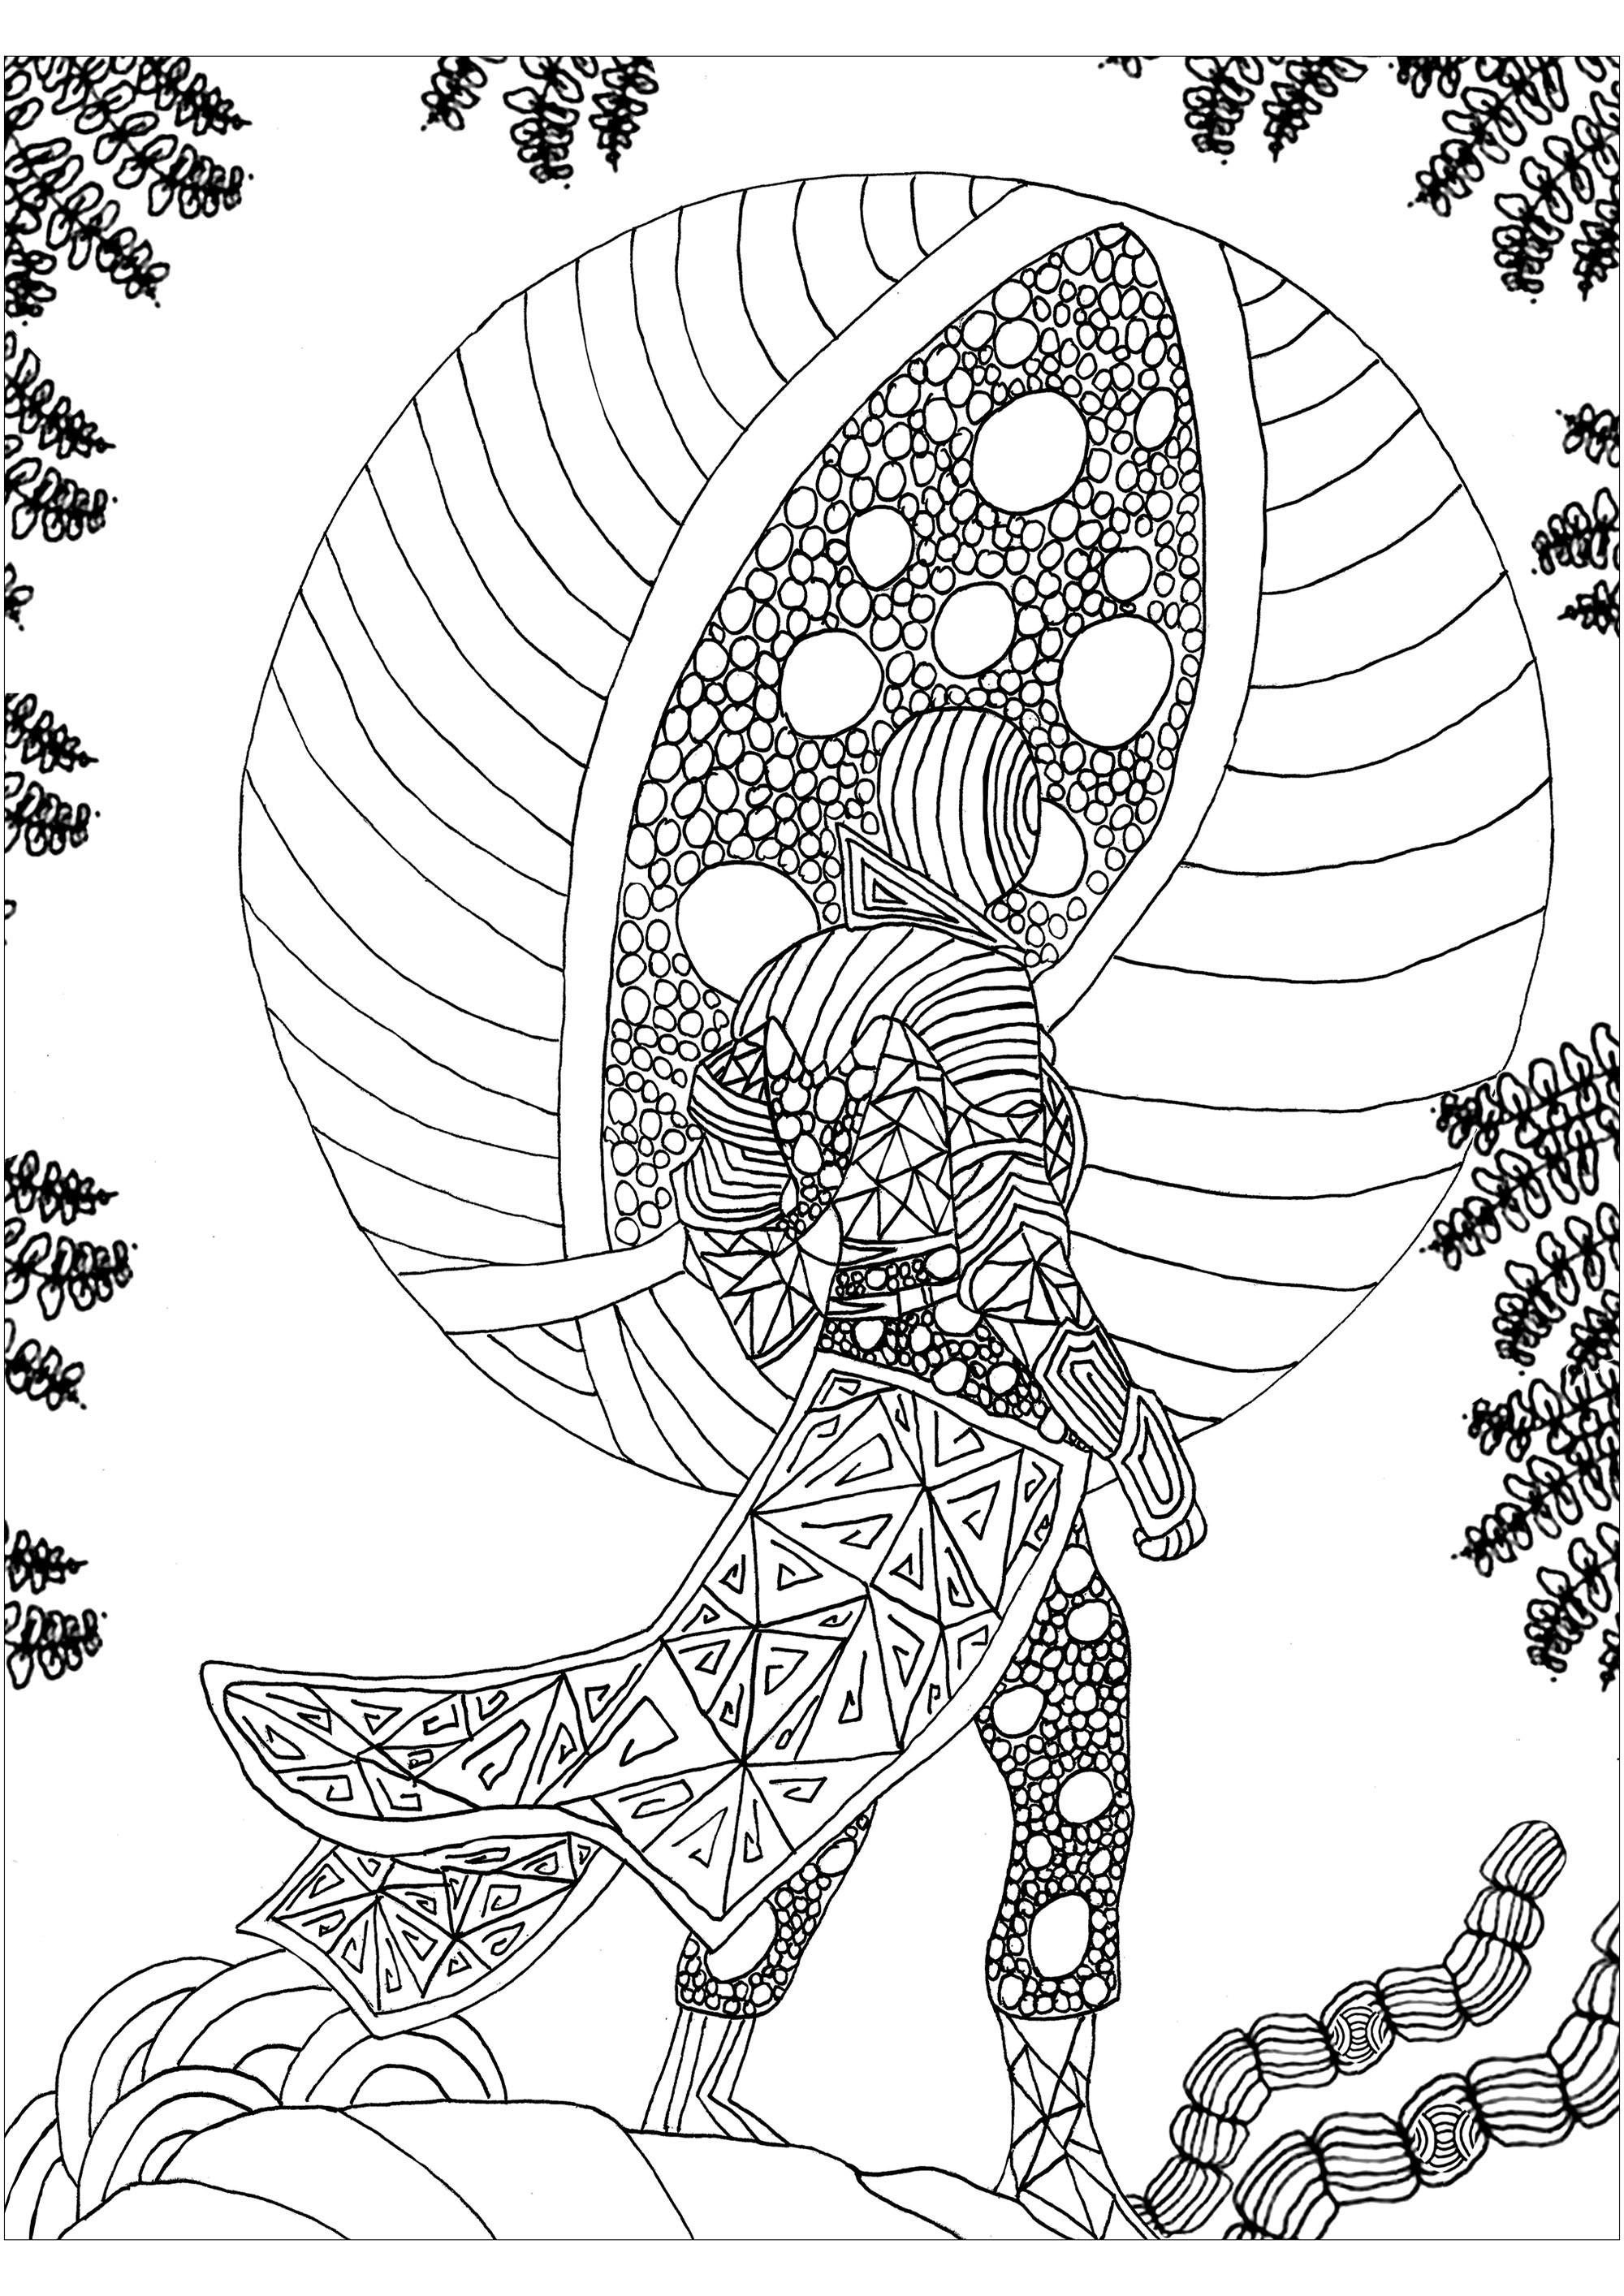 Nouveau monde - Anti-stress & Art-thérapie - Coloriages ...